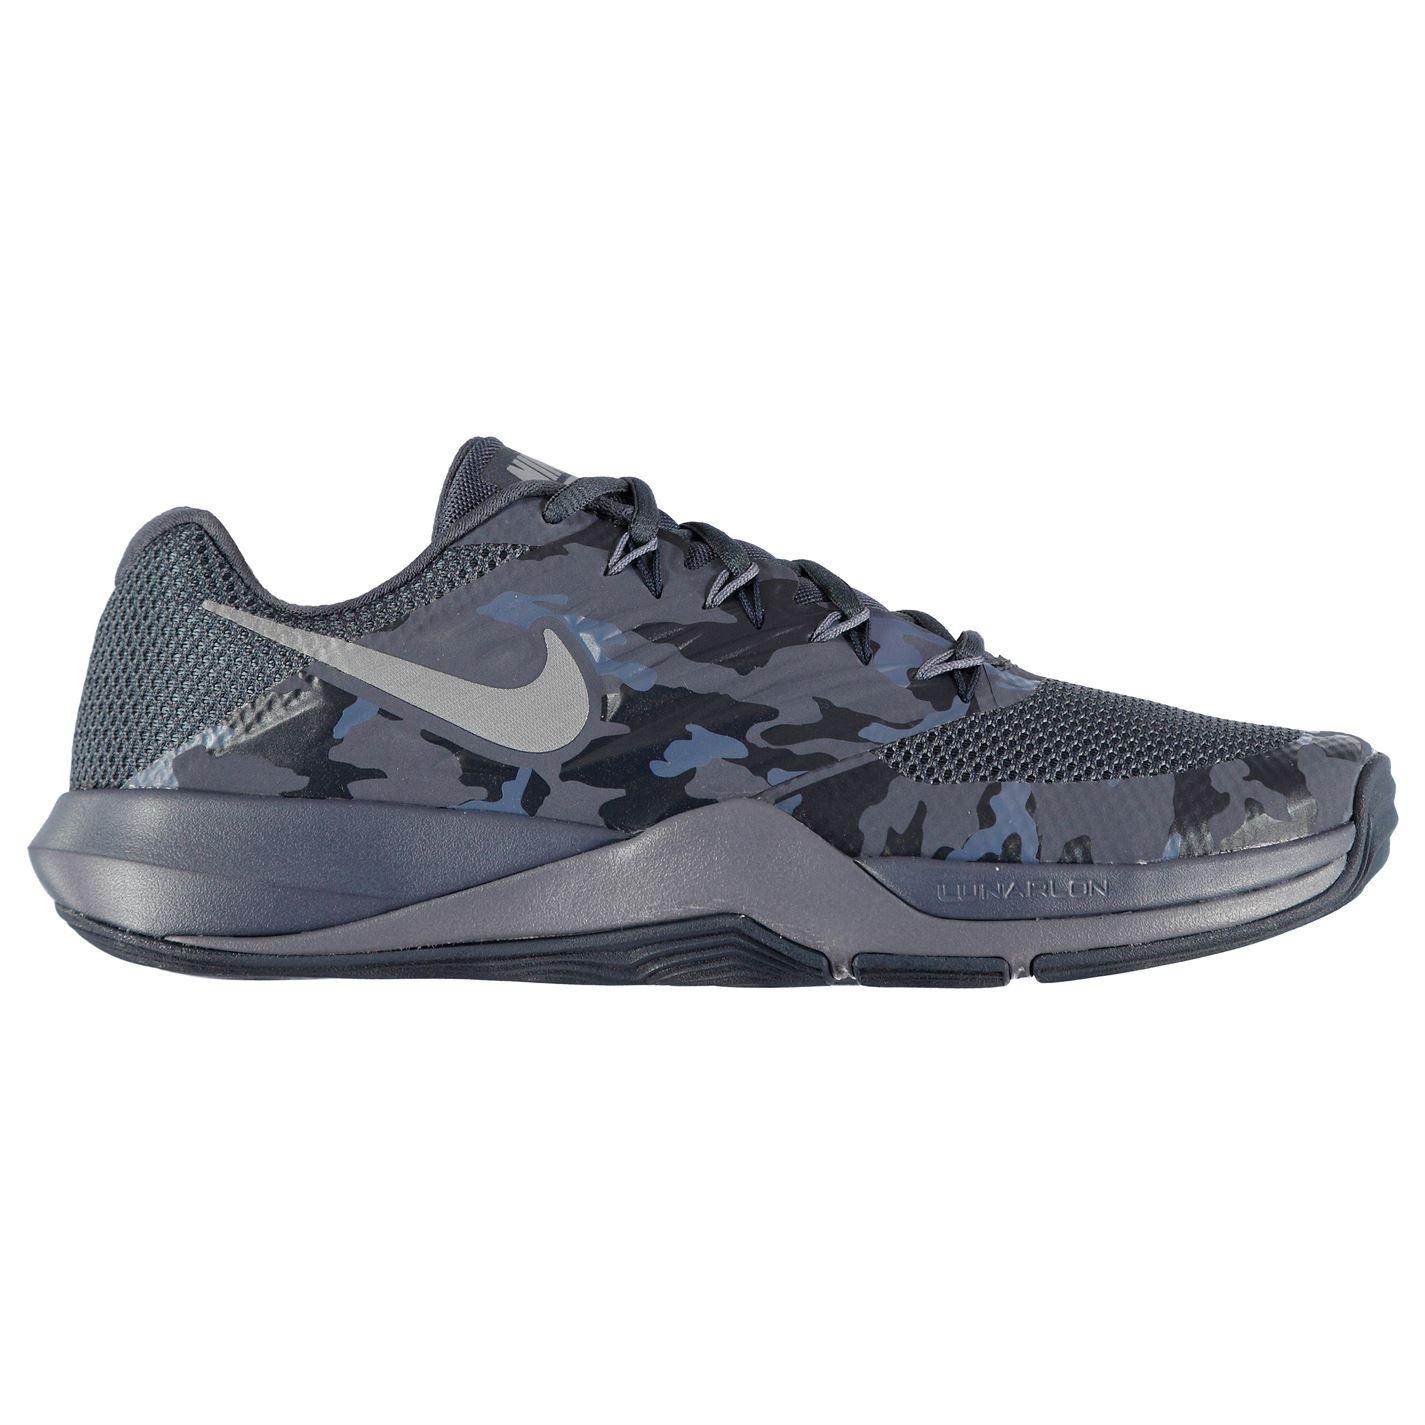 boty Nike Lunar Prime Iron II Shoes pánské